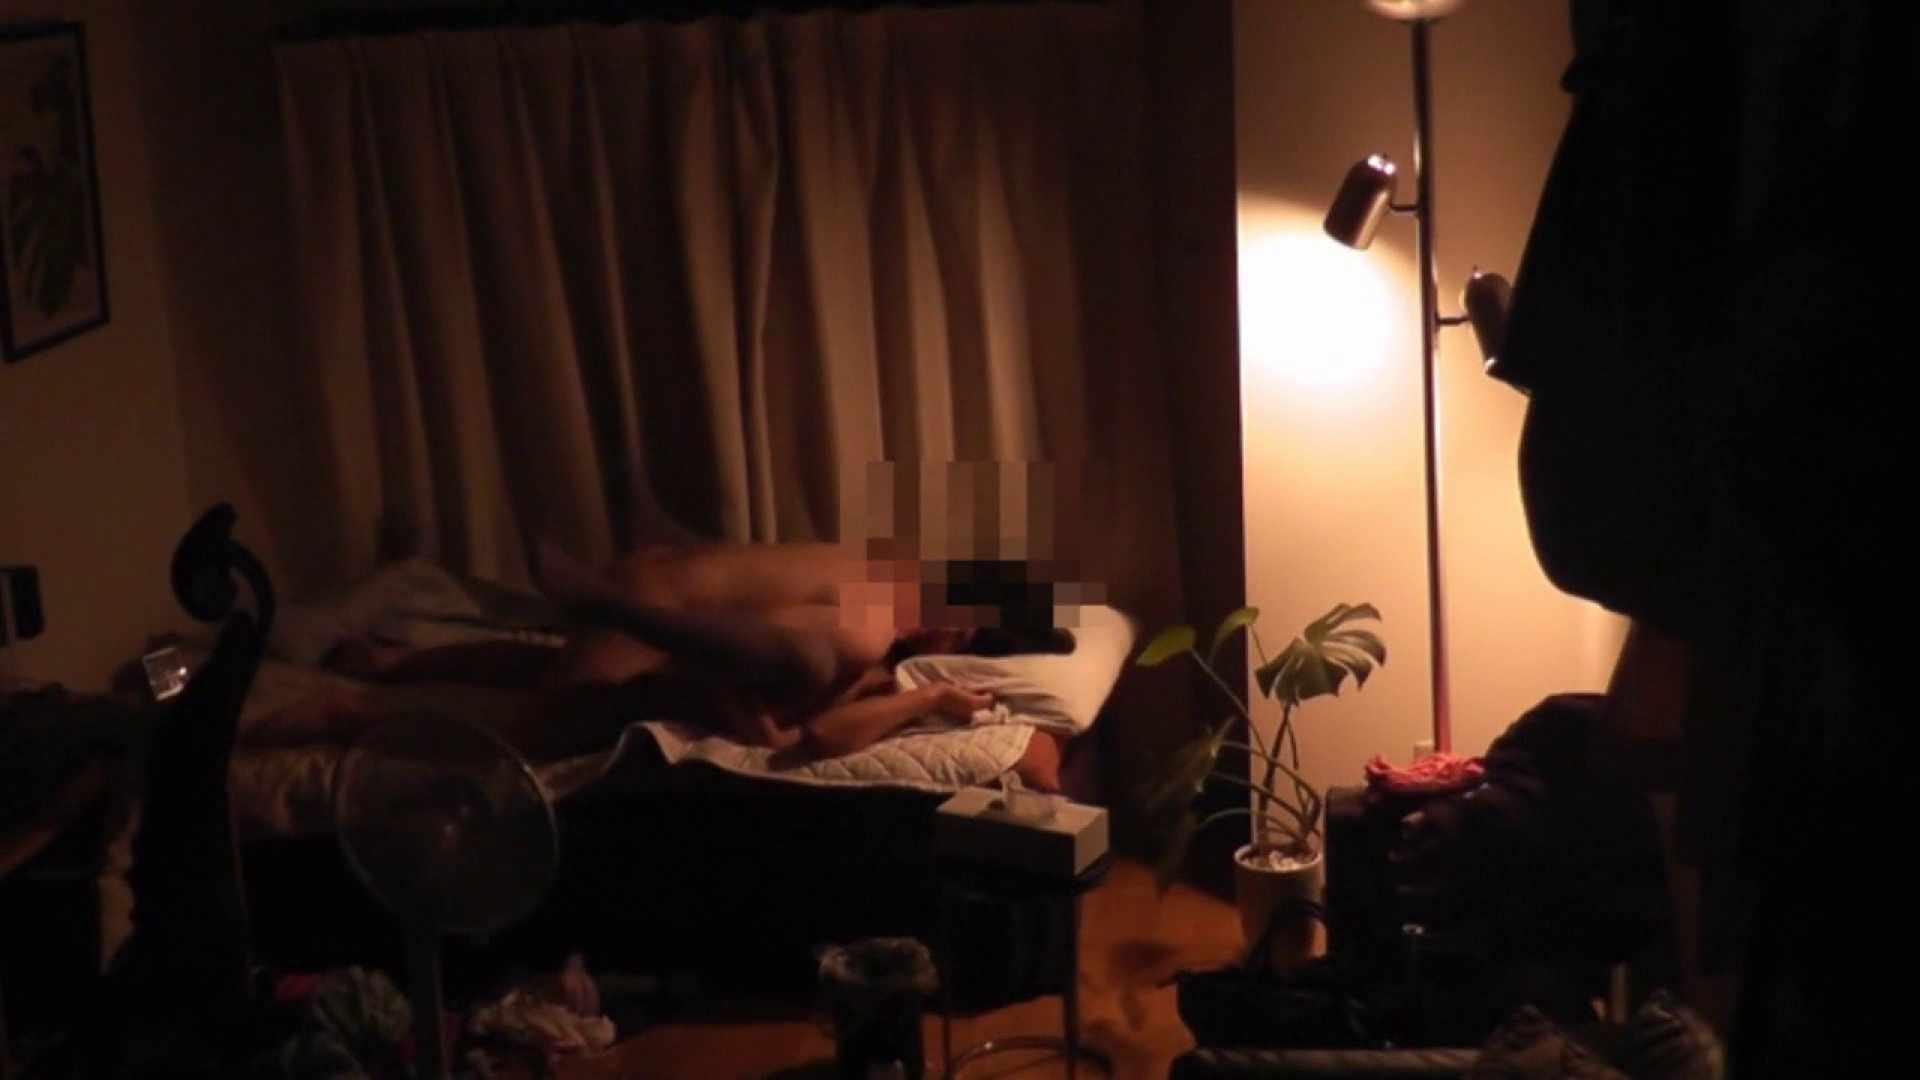 美女だらけのプライベートSEXvol.1 エッチな美女 AV無料動画キャプチャ 58pic 47